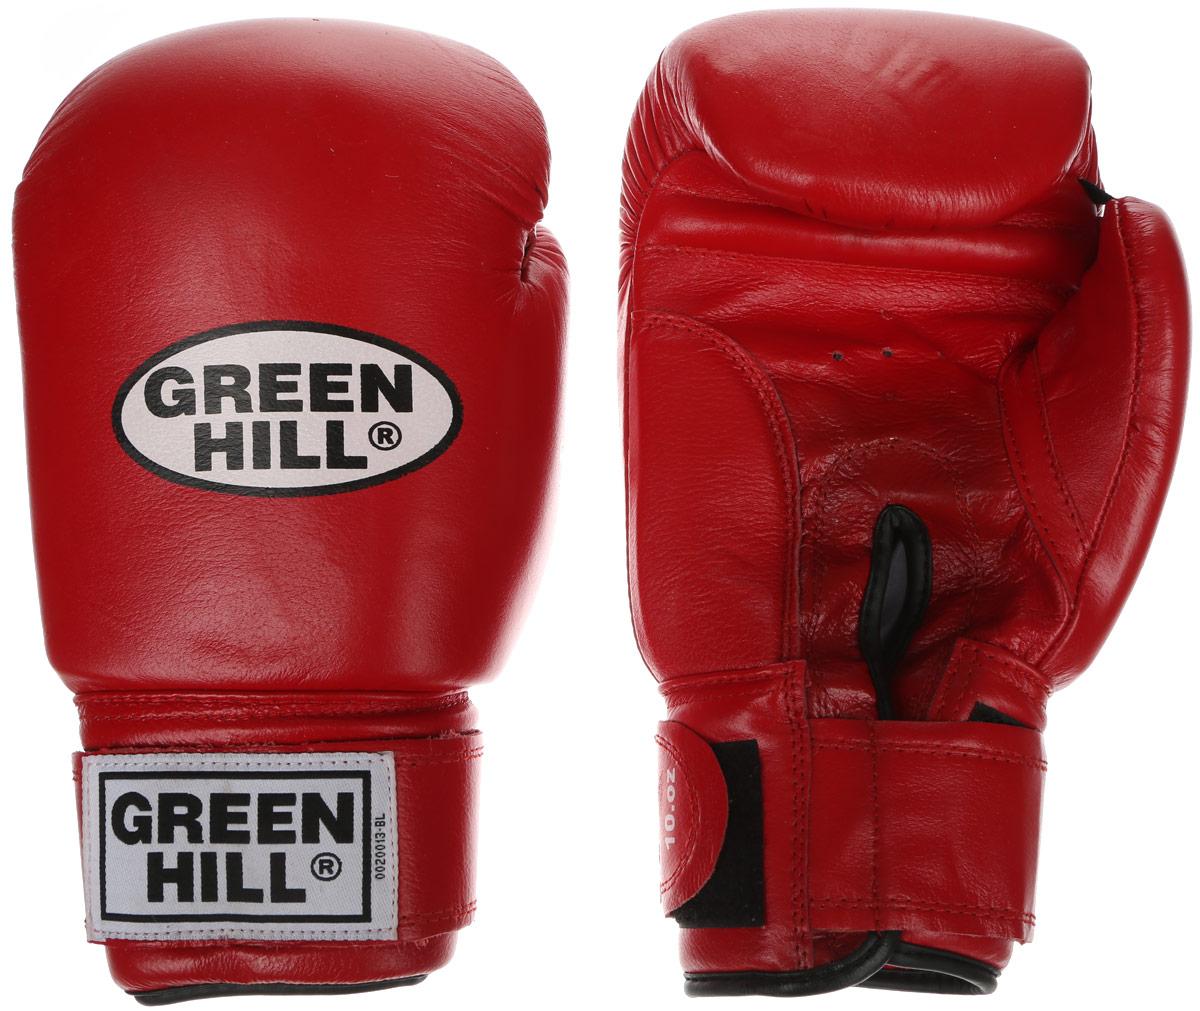 Перчатки боксерские Green Hill Tiger, цвет: красный, белый. Вес 12 унций. BGT-2010сBGT-2010сБоевые боксерские перчатки Green Hill Tiger применяются как для соревнований, так и для тренировок. Верх выполнен из натуральной кожи, вкладыш - предварительно сформированный пенополиуретан. Манжет на липучке способствует быстрому и удобному надеванию перчаток, плотно фиксирует перчатки на руке. Отверстия в области ладони позволяют создать максимально комфортный терморежим во время занятий.В перчатках применяется технология антинокаут.